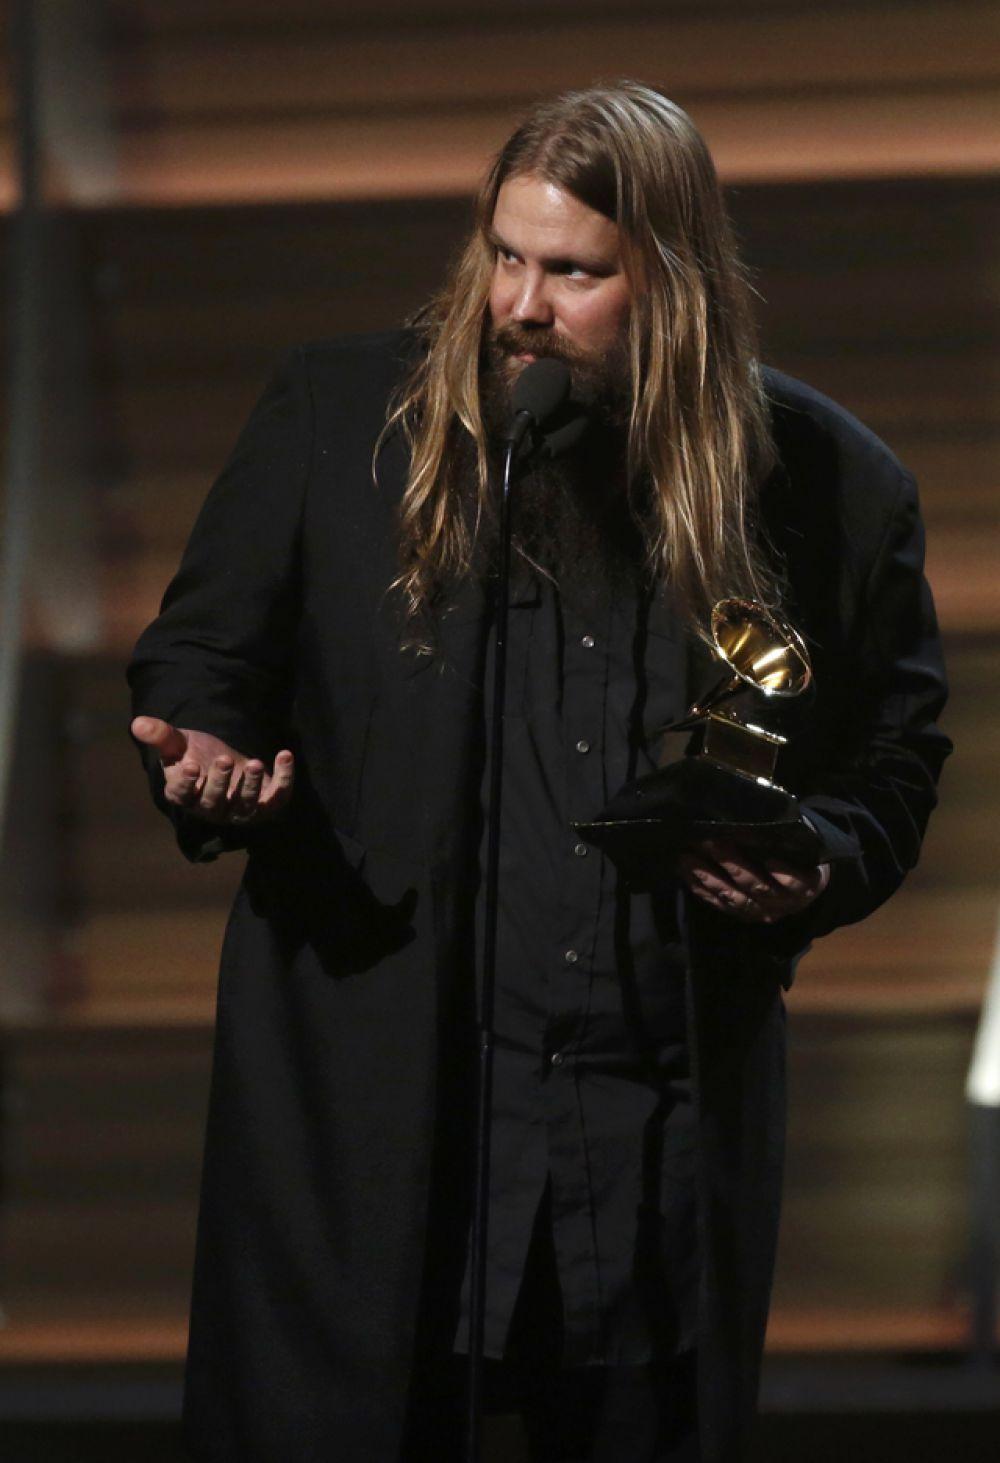 Приз за лучший кантри-альбом получил Крис Стэйплтон «Traveller».